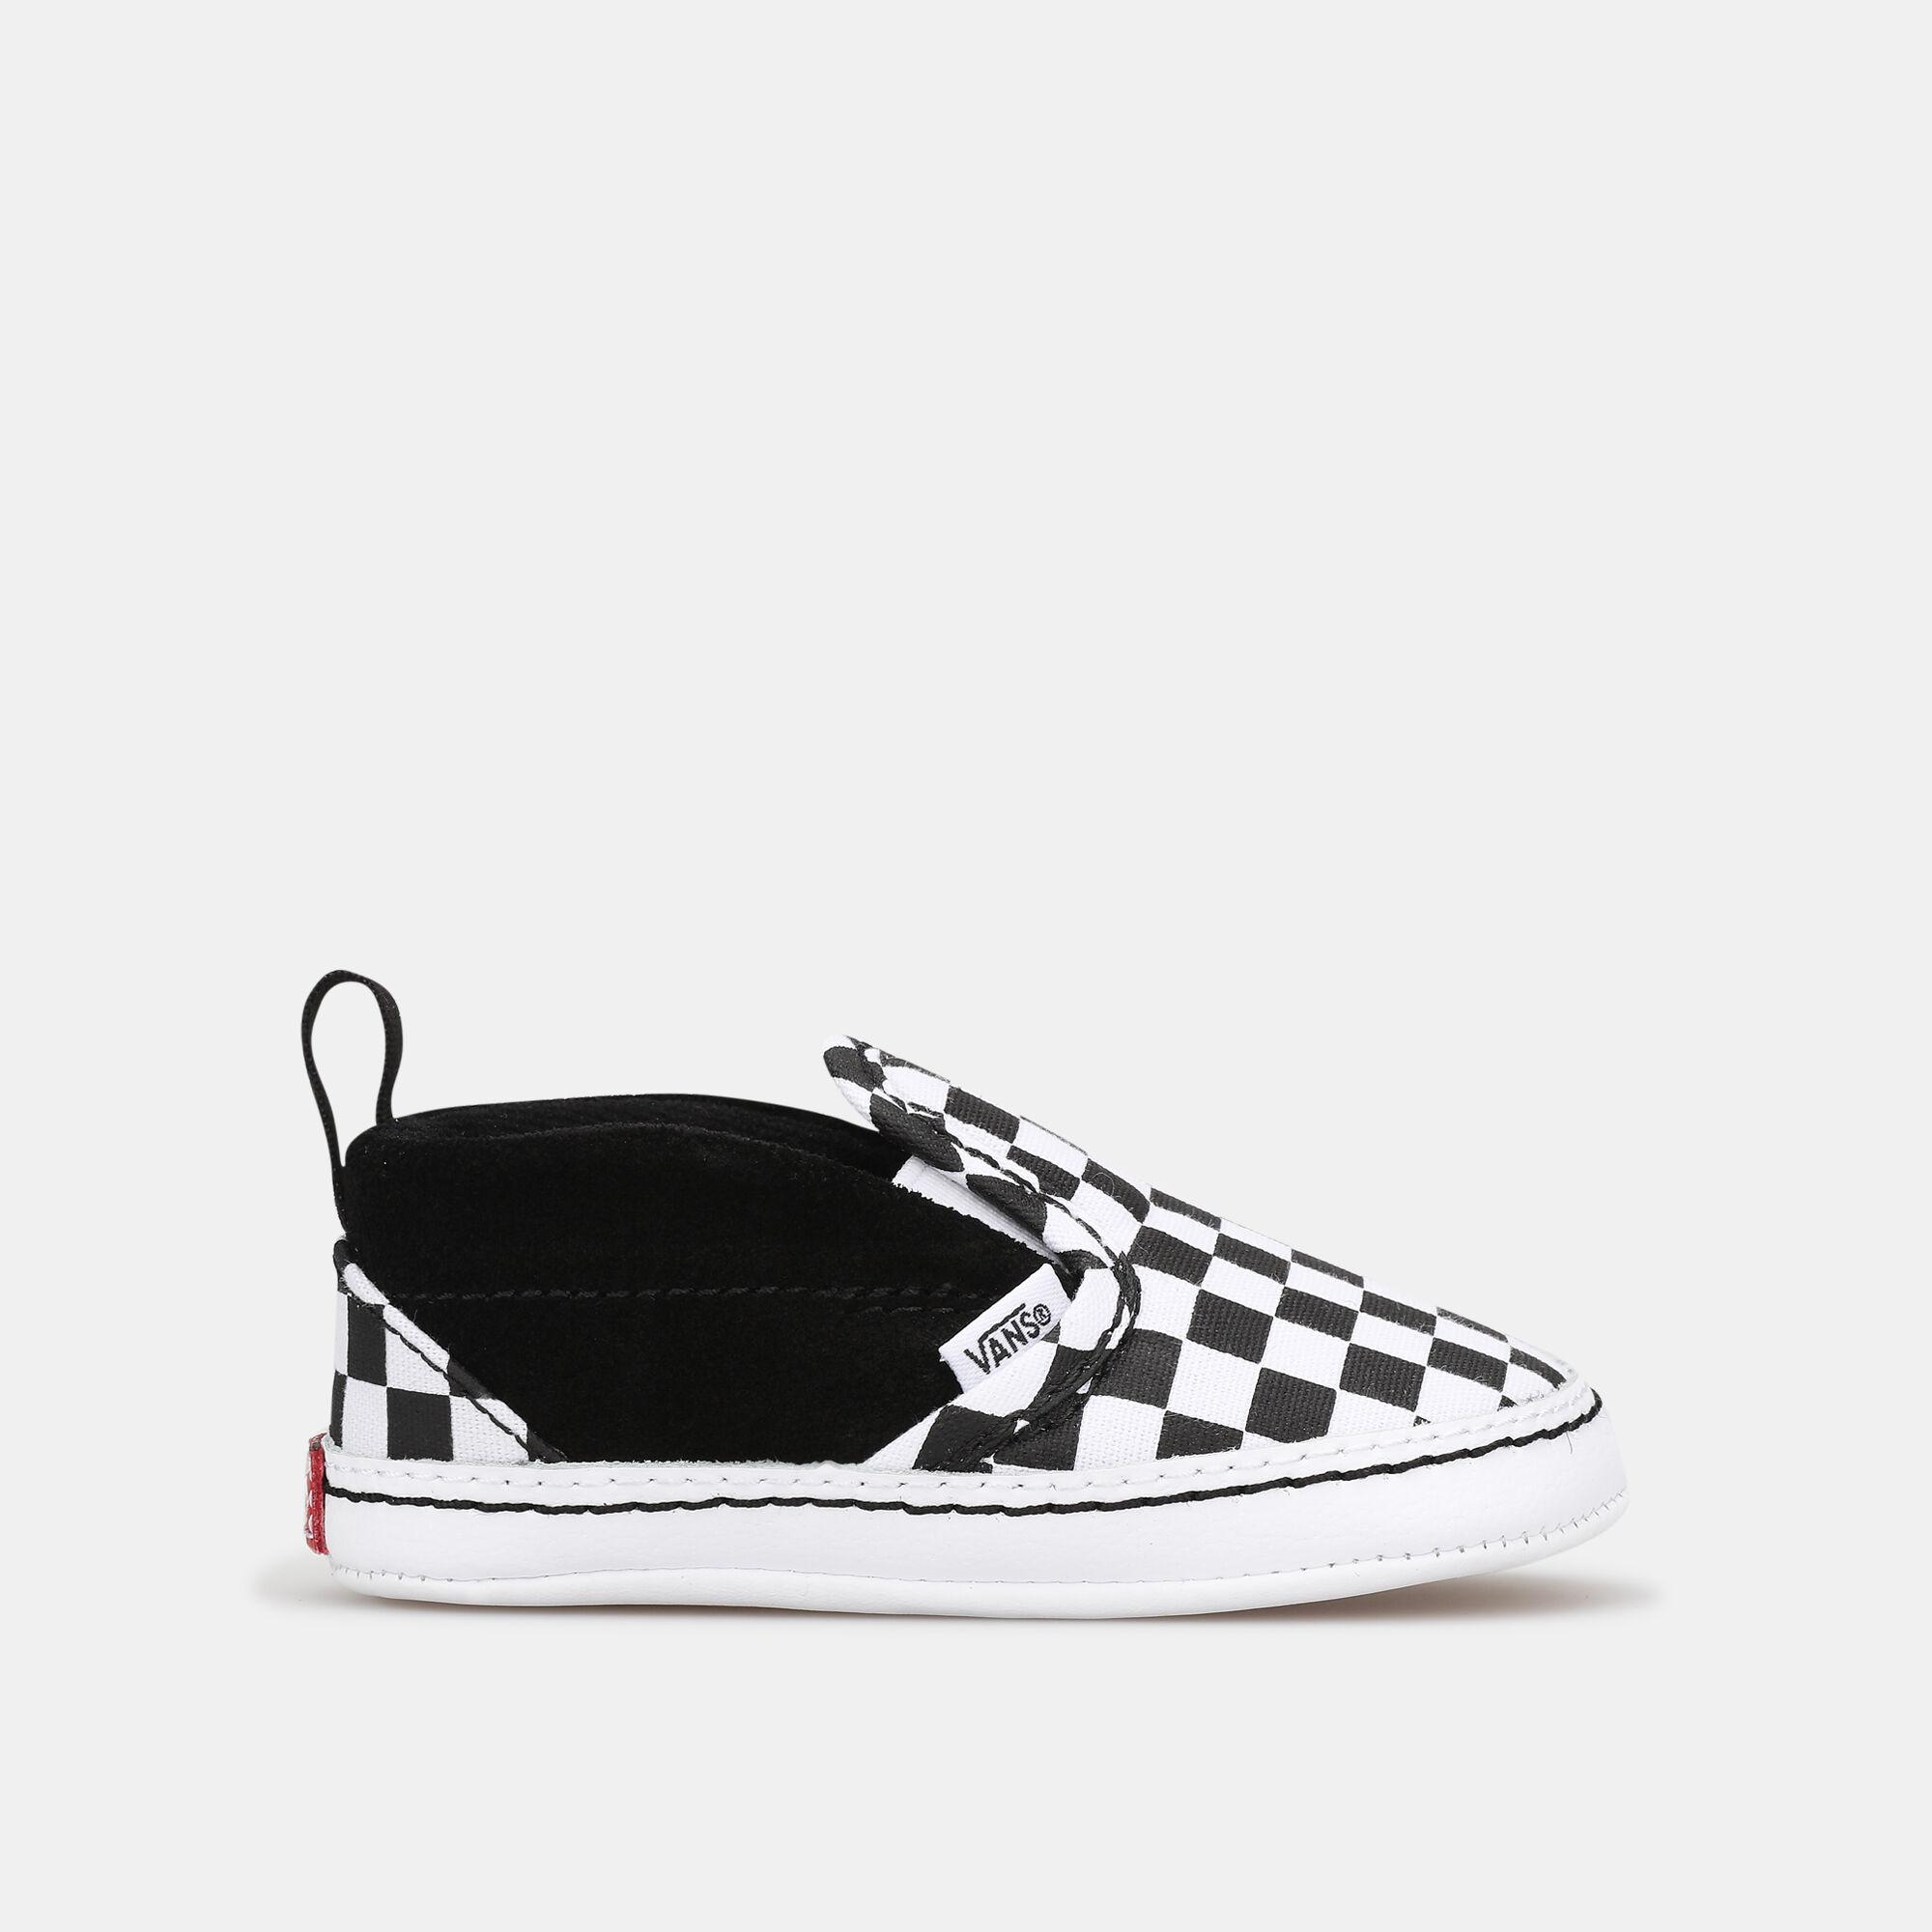 Buy Vans Kids' Checker Slip-On V Crib